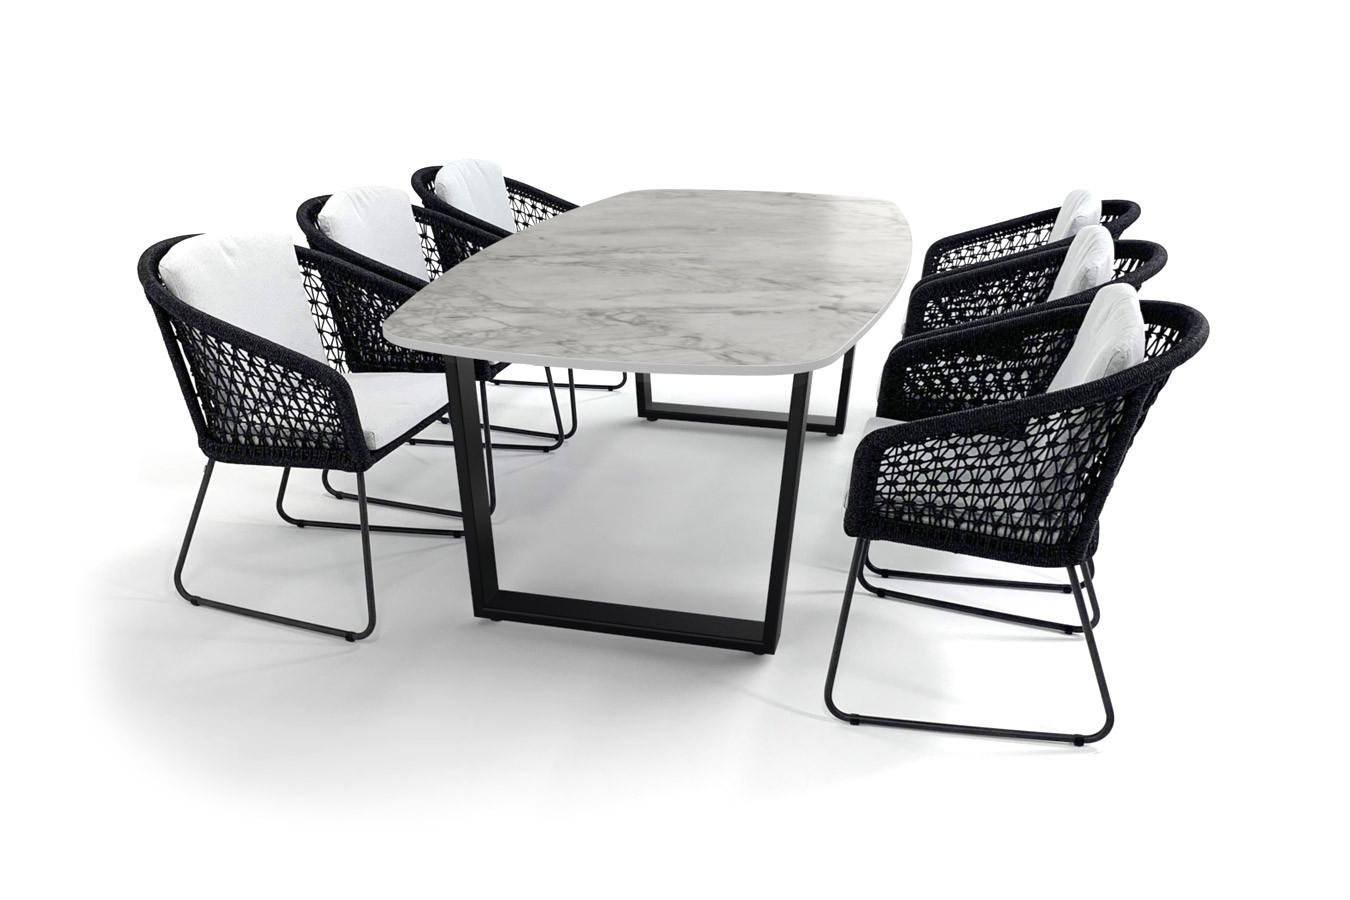 Dekton Portum Gartentisch mit schwarz beschichtetem Savona-Fuß und Mila-Stühlen